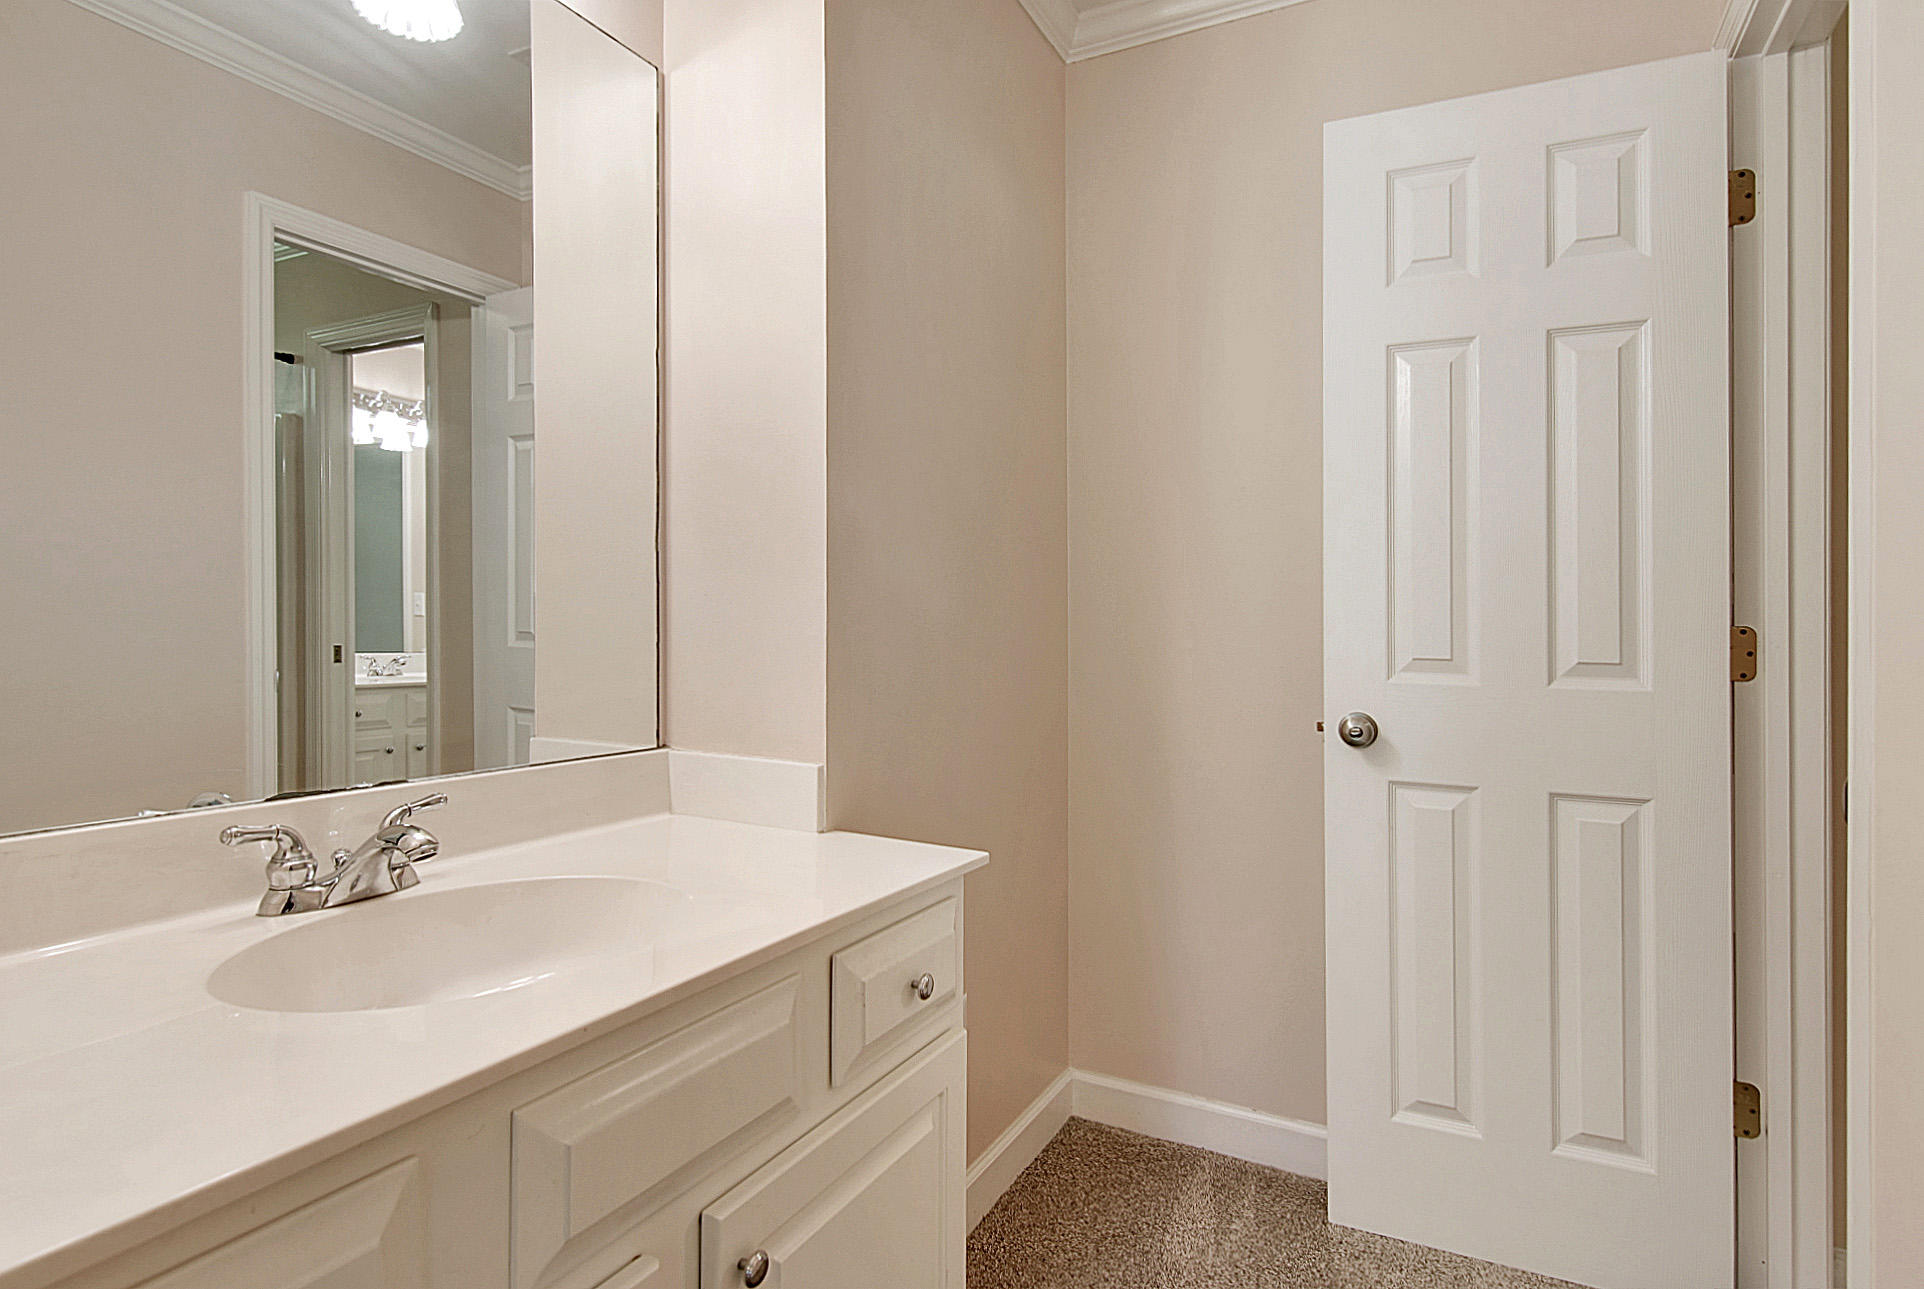 Dunes West Homes For Sale - 2236 Black Oak, Mount Pleasant, SC - 28